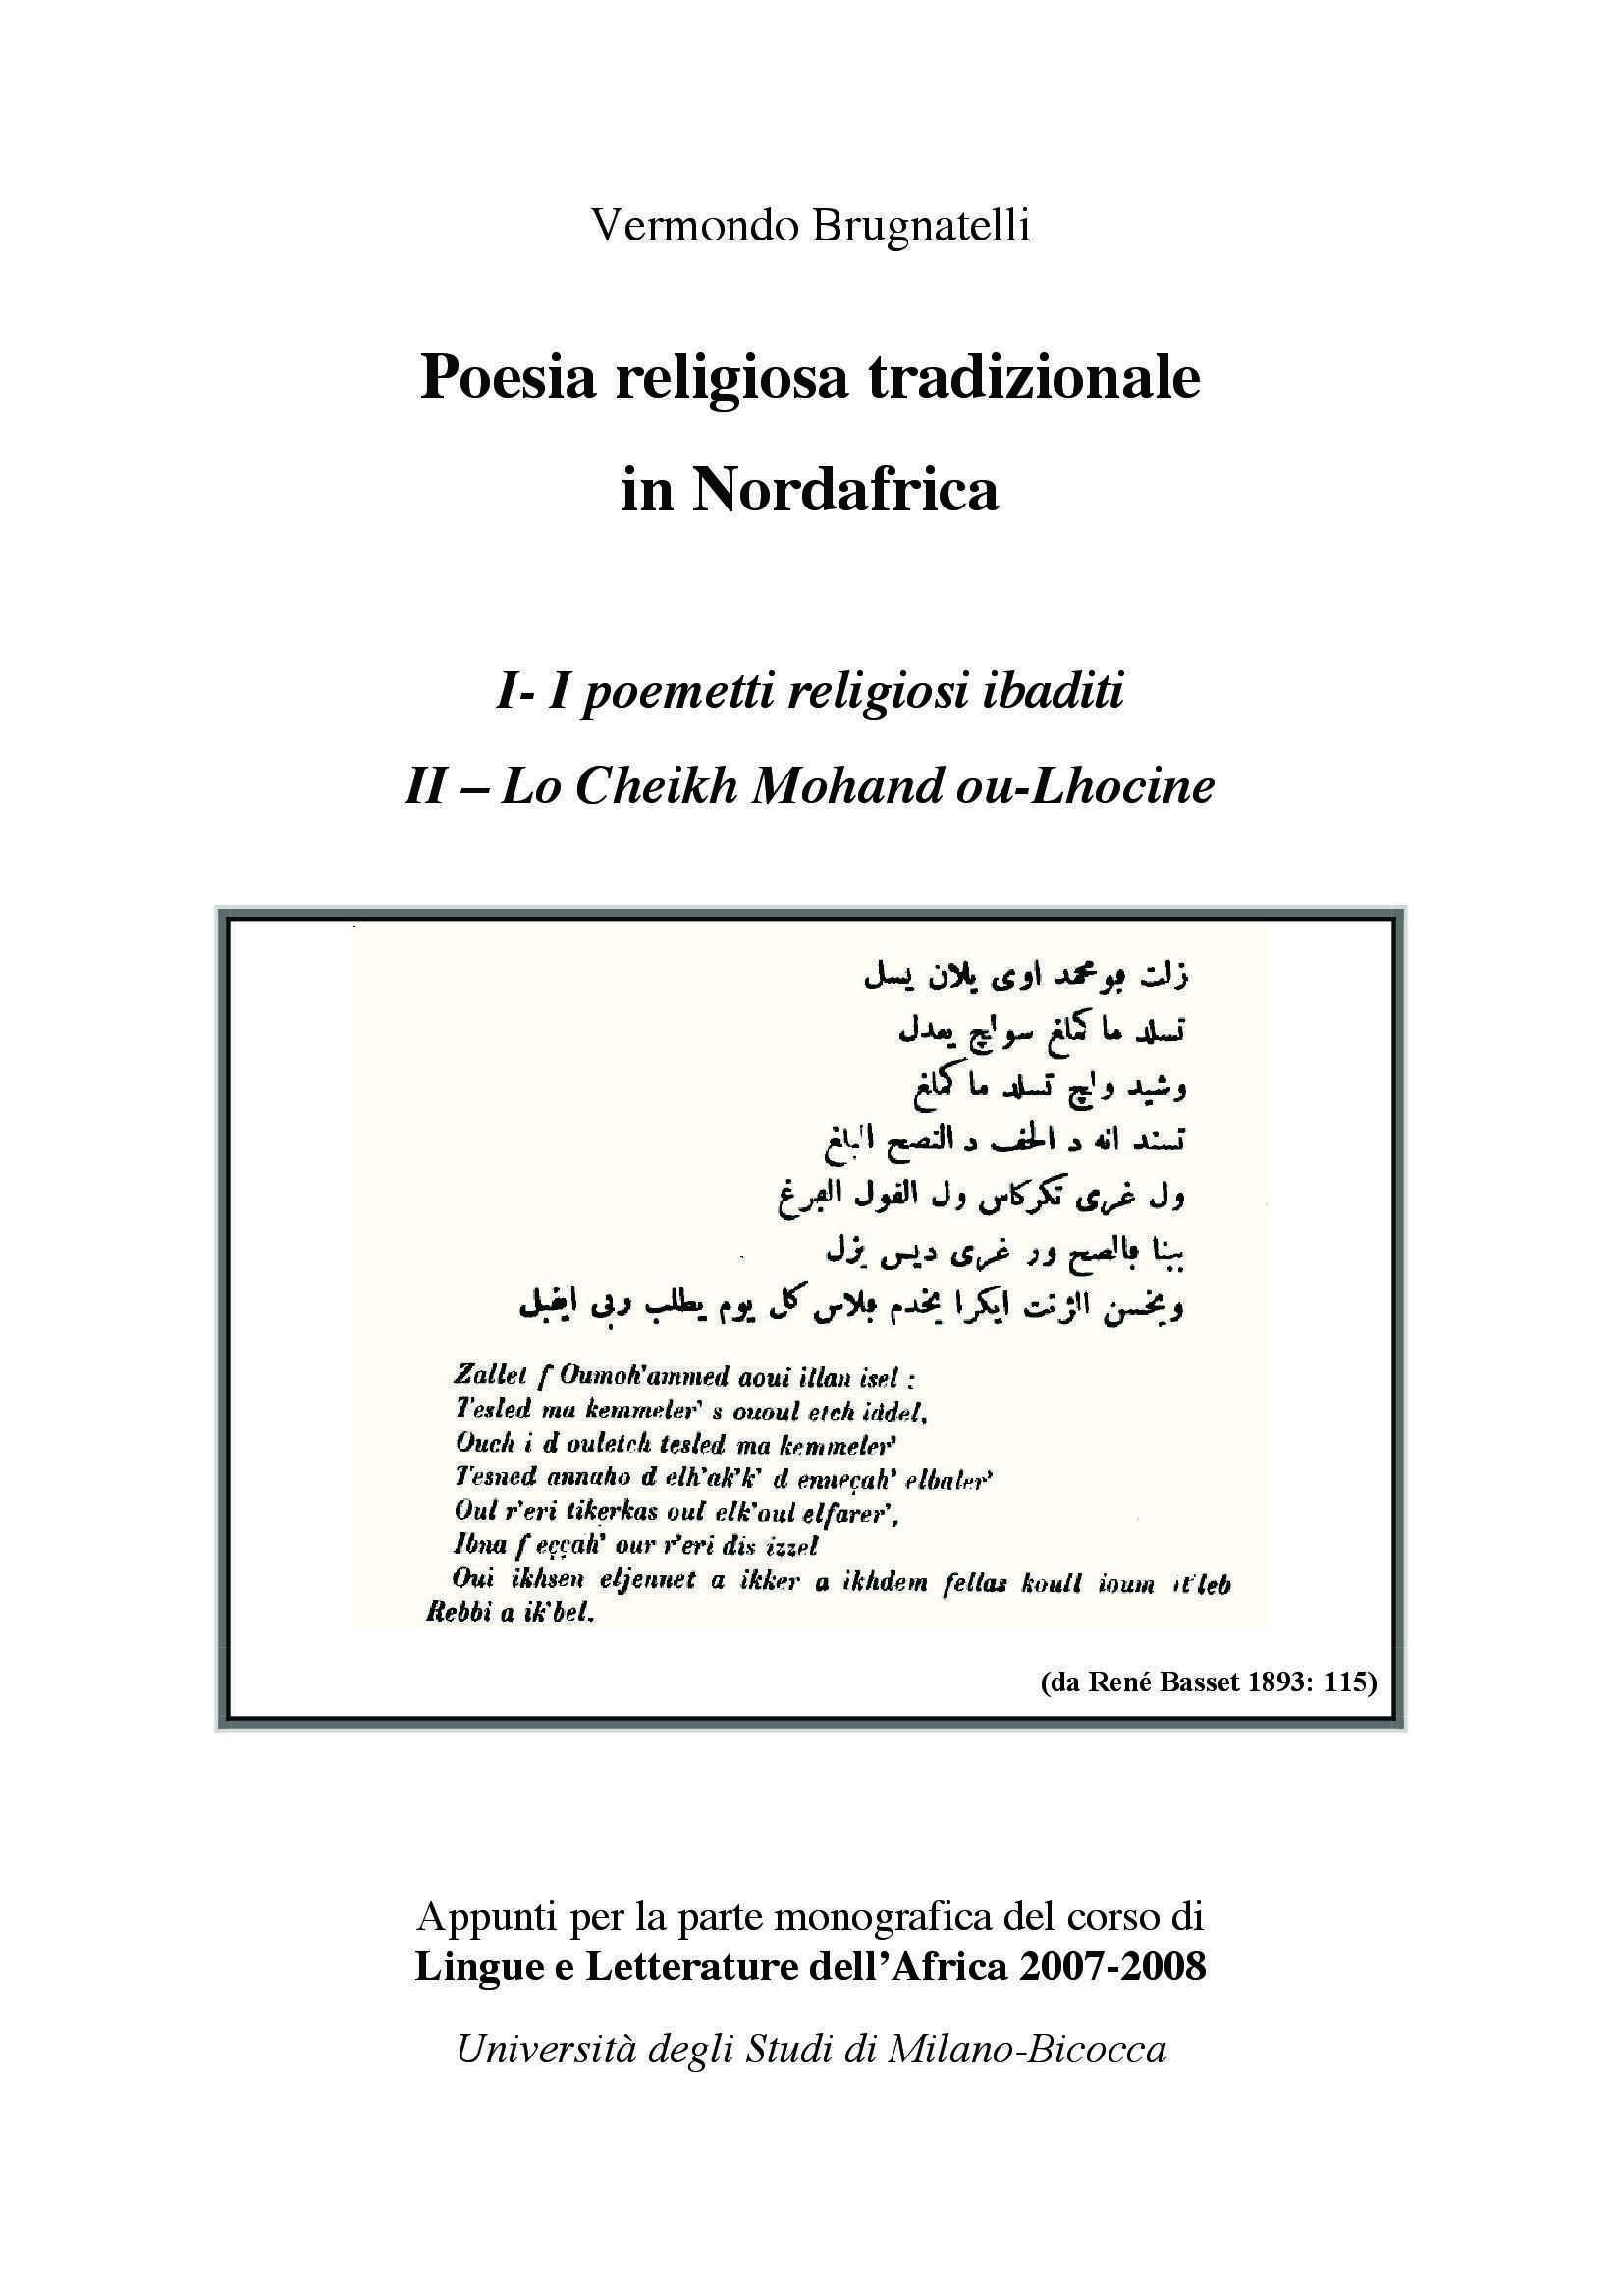 Poesia religiosa tradizionale in Nordafrica